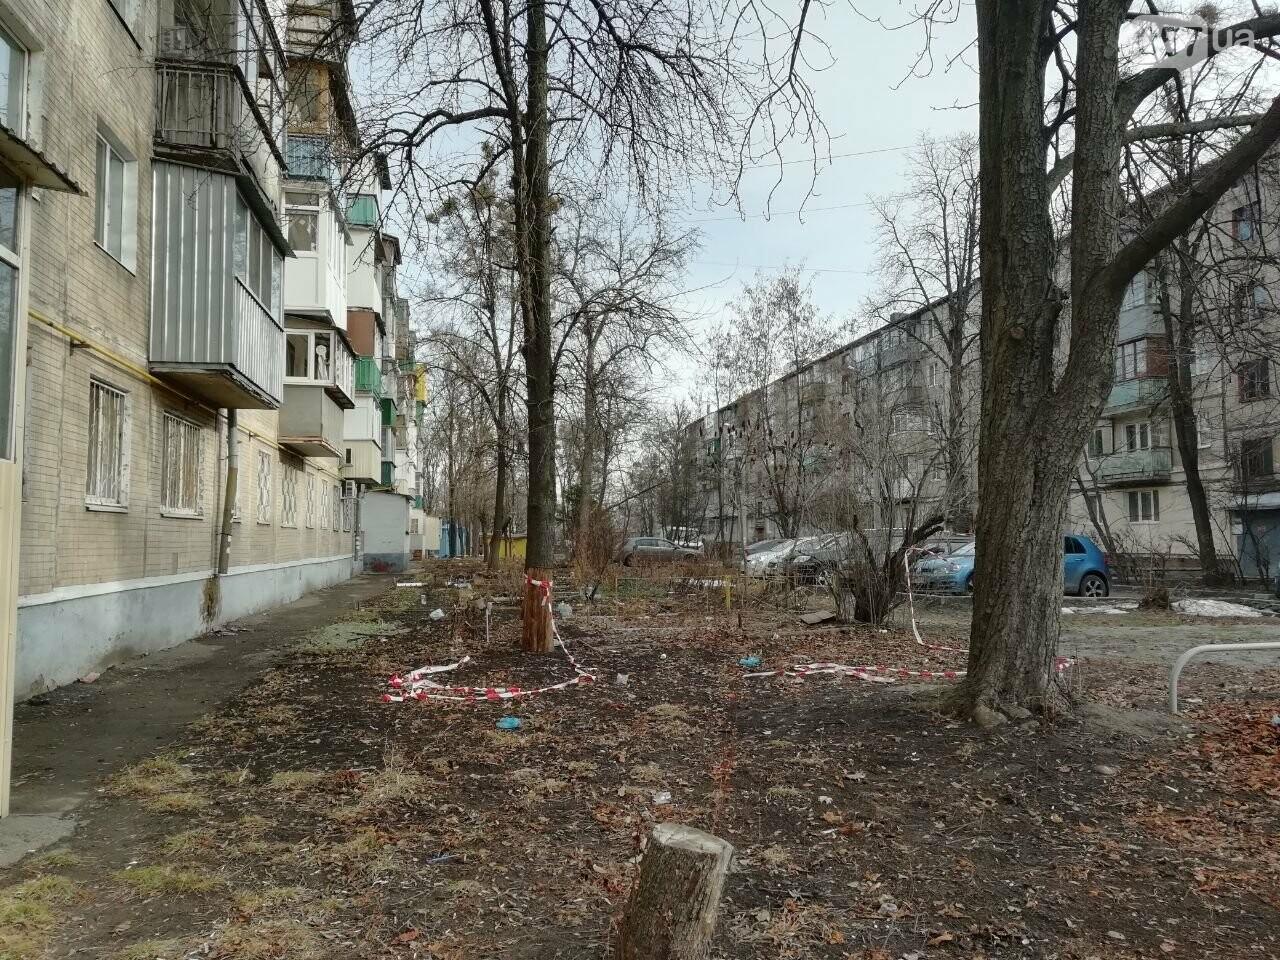 Выстрелы возле дома и неизвестные в масках: что рассказали жители о стрельбе на Московском проспекте, - ФОТО, фото-5